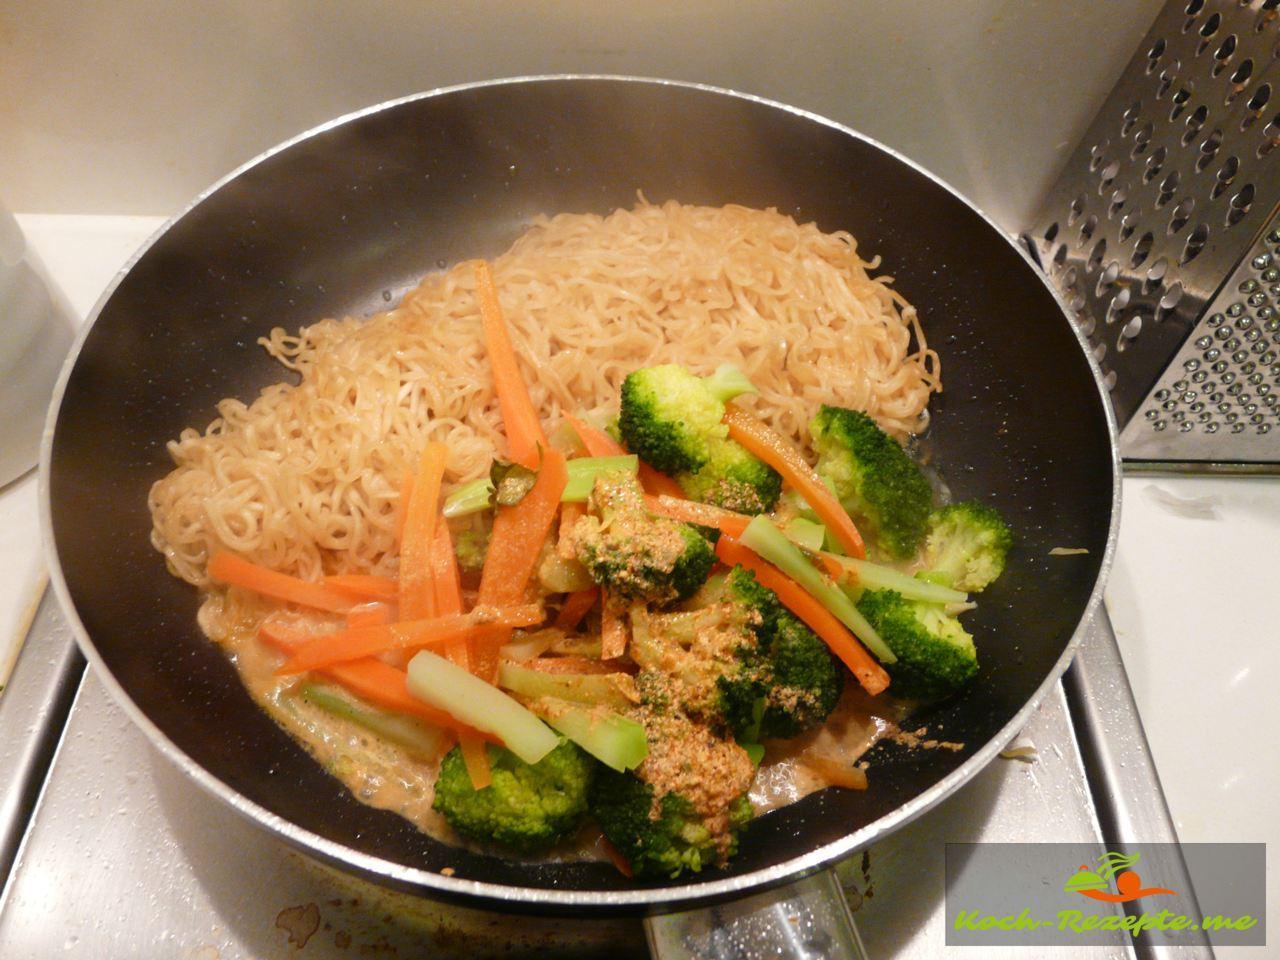 Die Nudeln mit Gemüse, Chinakohlstreifen,  und Fühlingszwiebeln in der Pfanne vermischen,  Asia Instandbrühe, Austernsauce und Chiliketchup angießen und alles vermischen für Asia Nudeln mit Brokkoli Gemüse